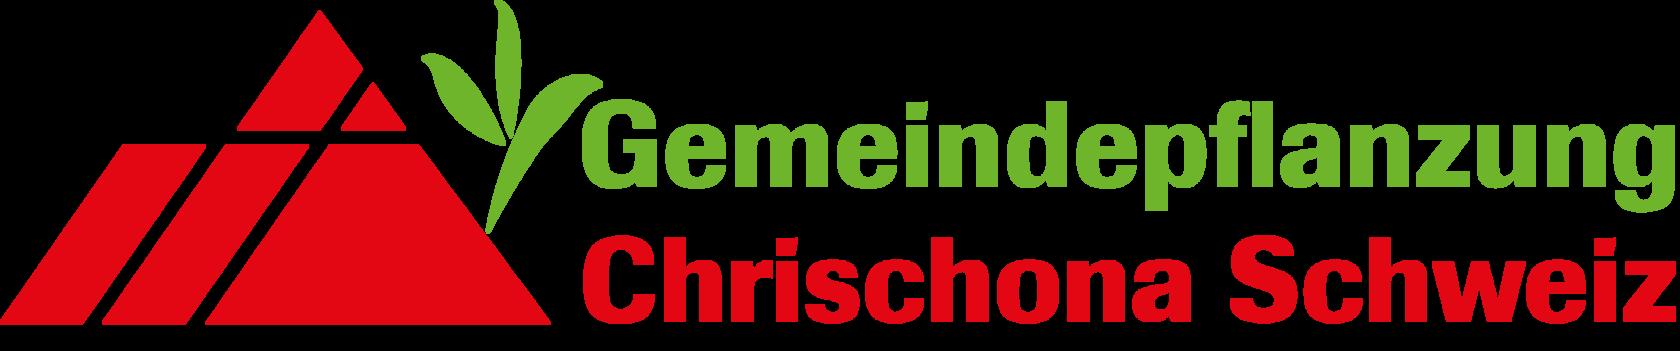 Logo Gemeindepflanzung Chrischona